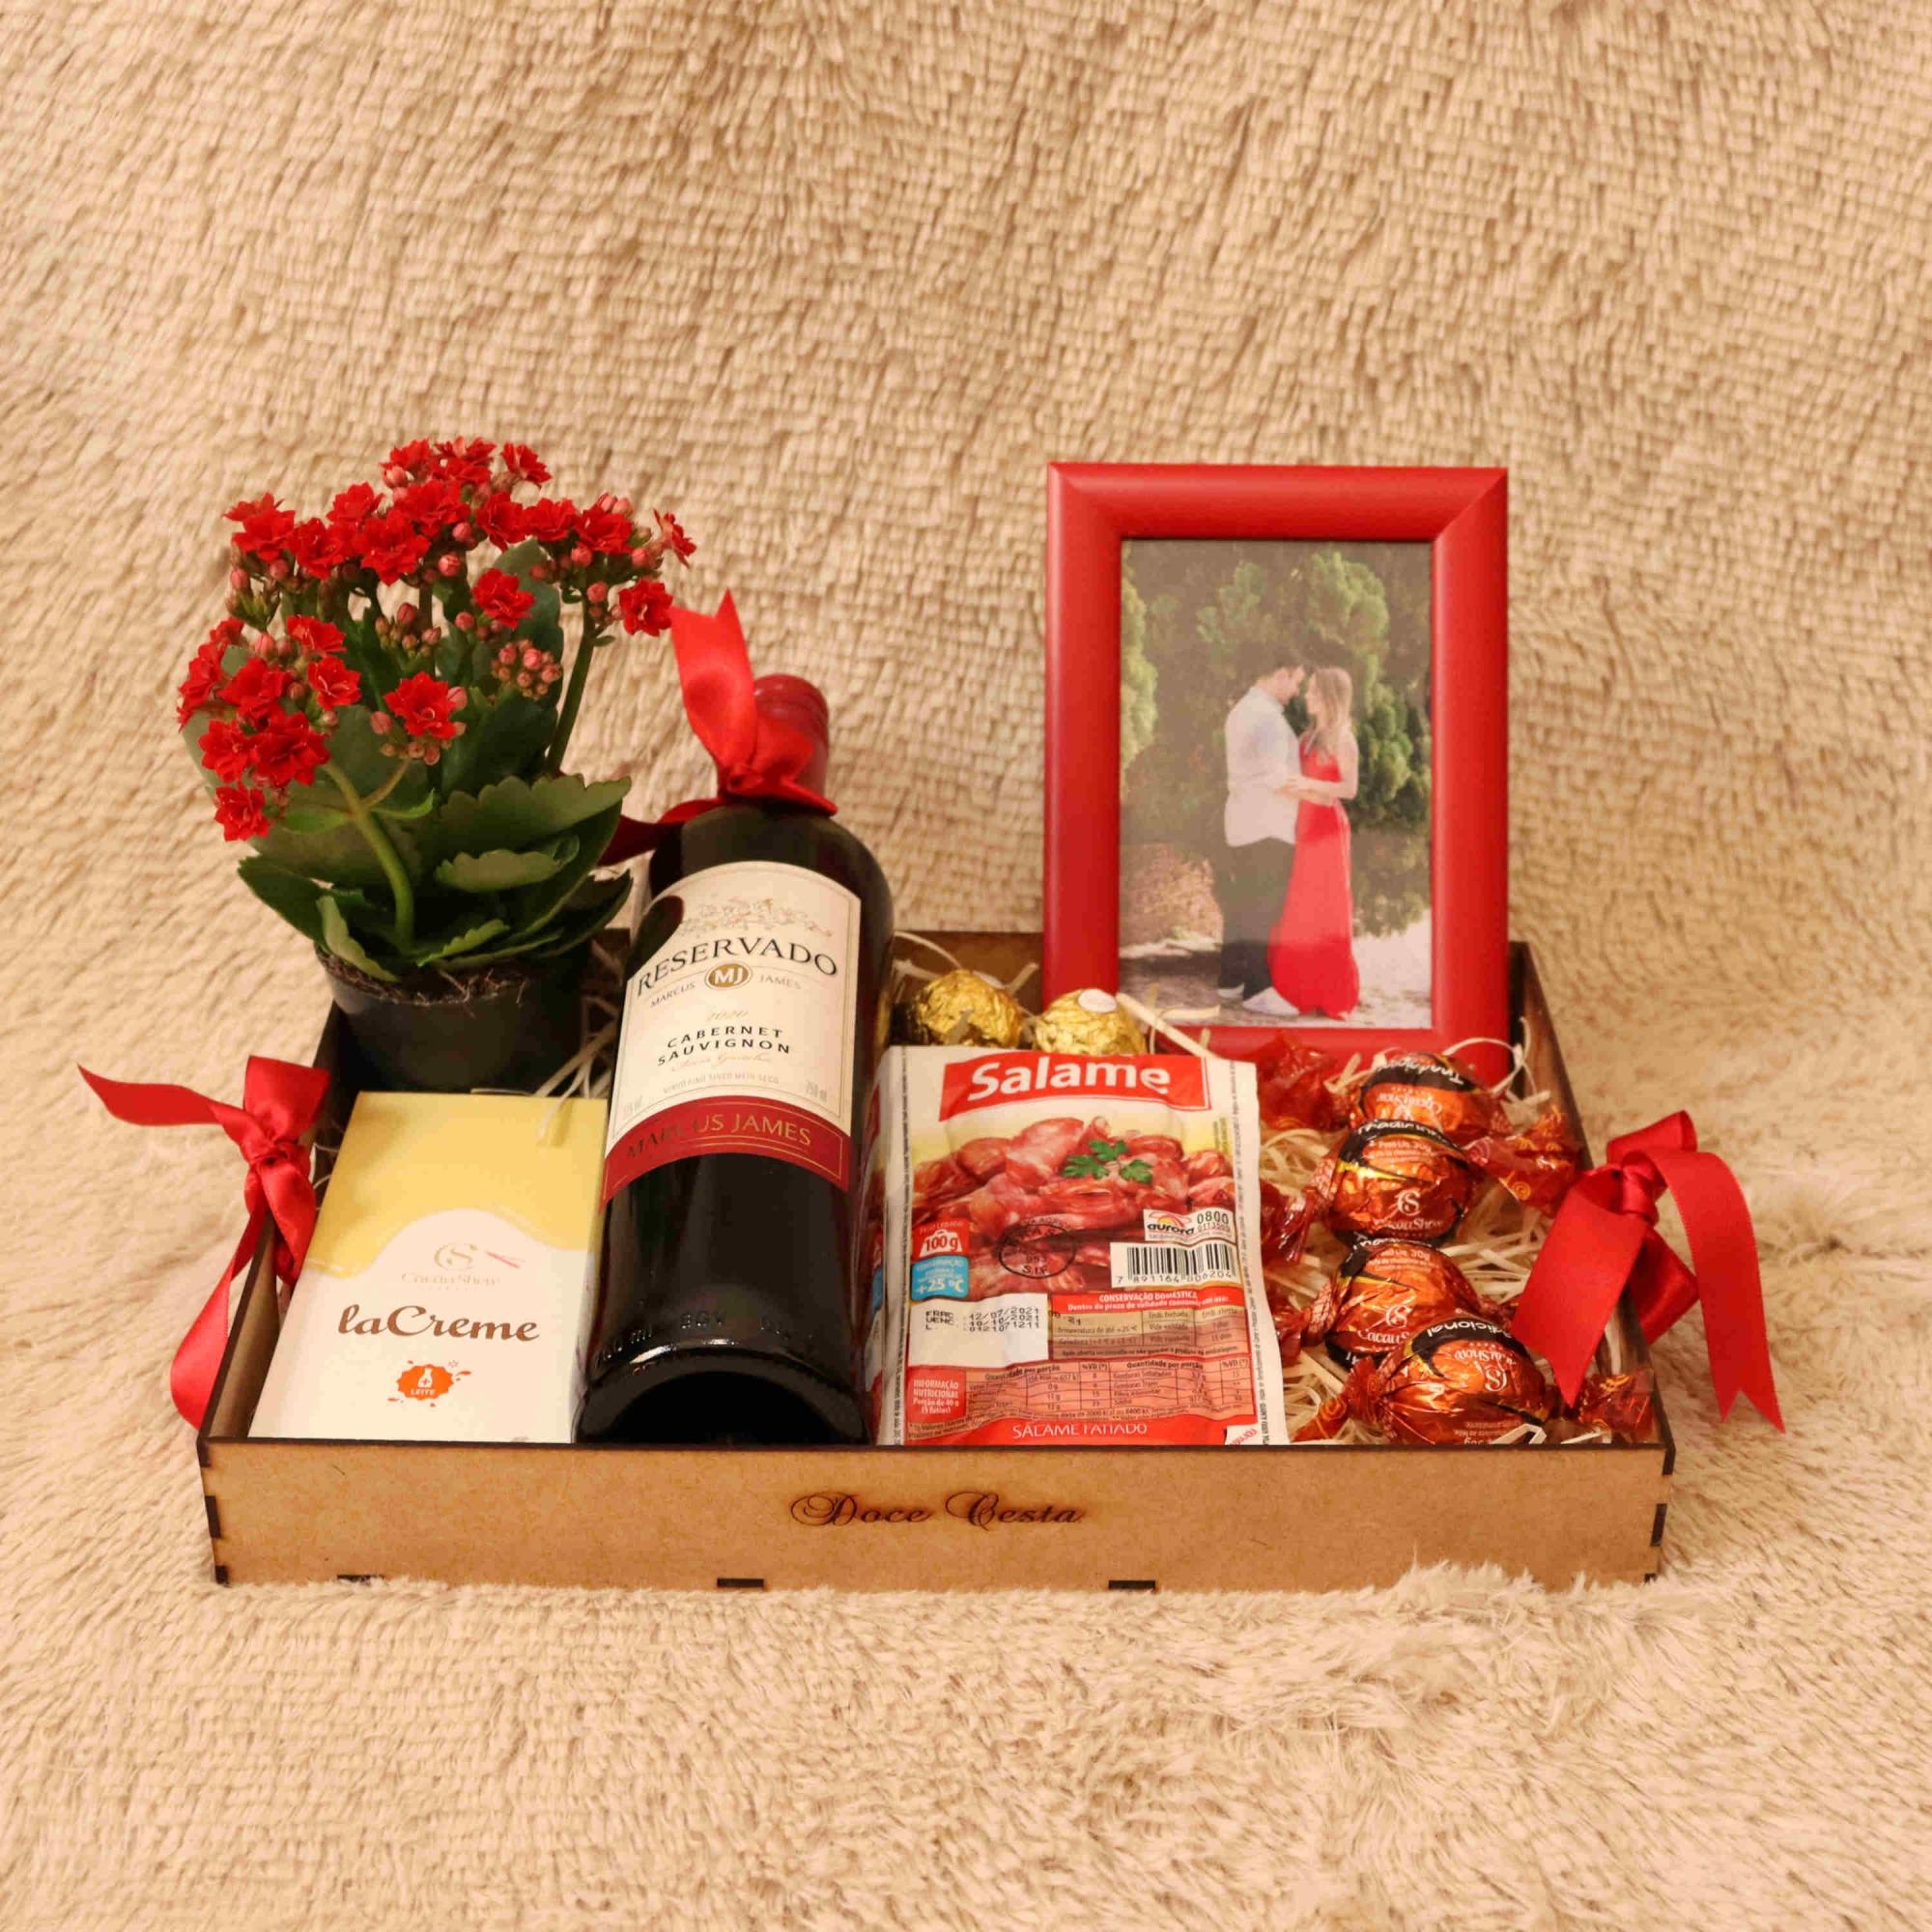 Bandeja de Vinho, Acompanhamento e Chocolates